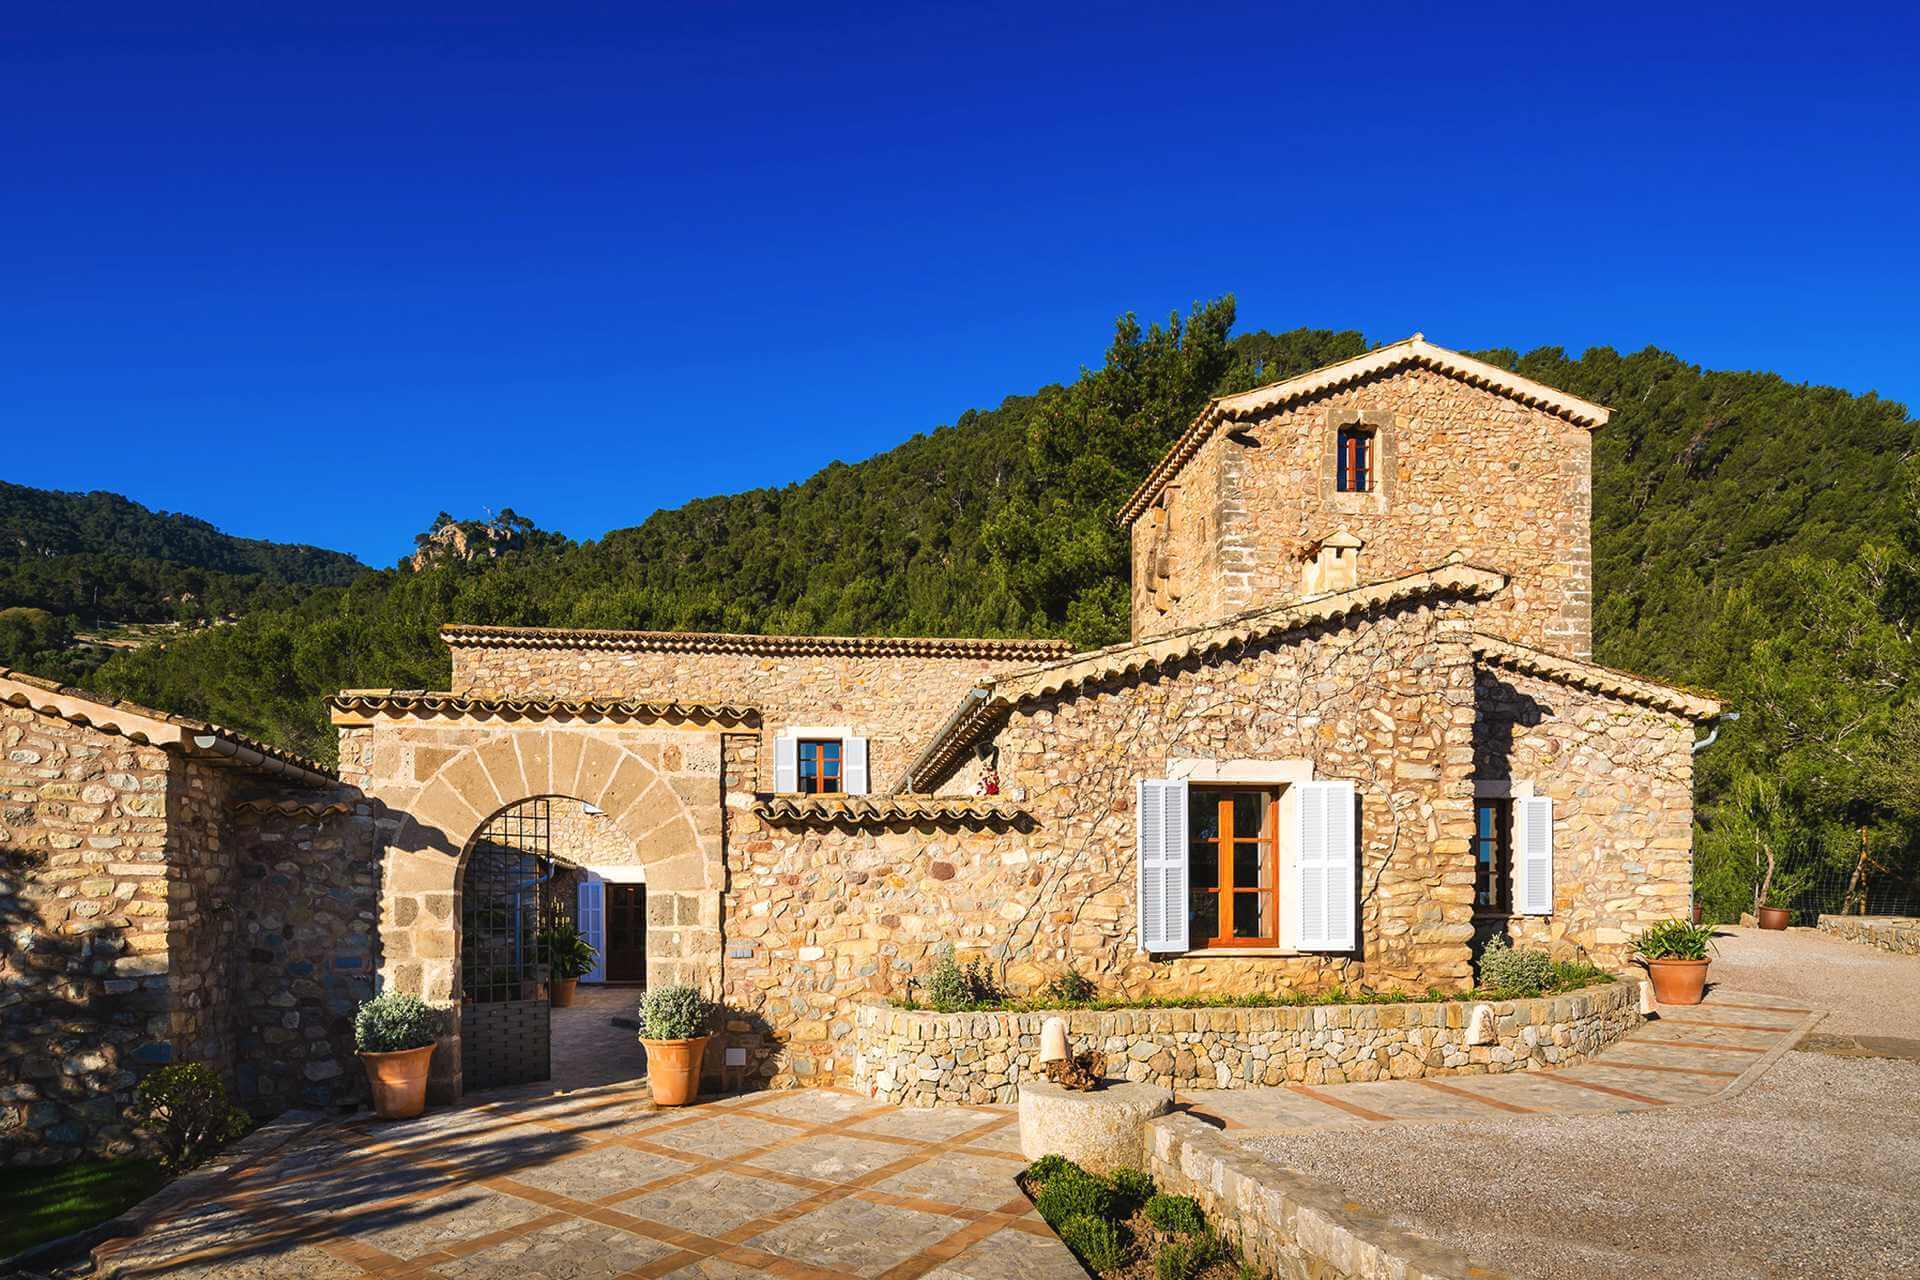 01-334 Luxury Finca Mallorca West Bild 8